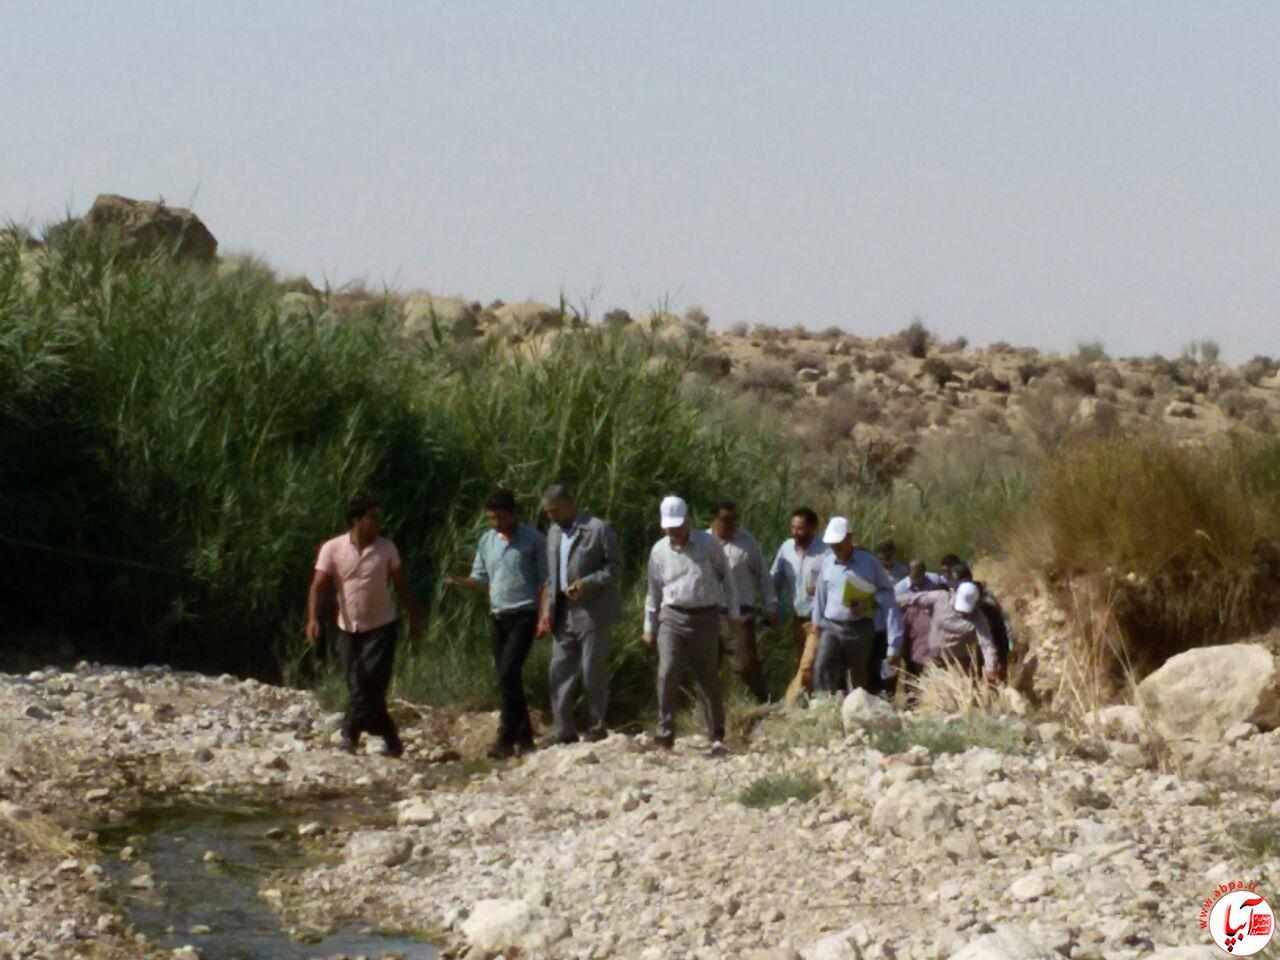 2232 انتقال آب از سد نرگسی به فراشبند و آبرسانی به دهرم از سد هایقر